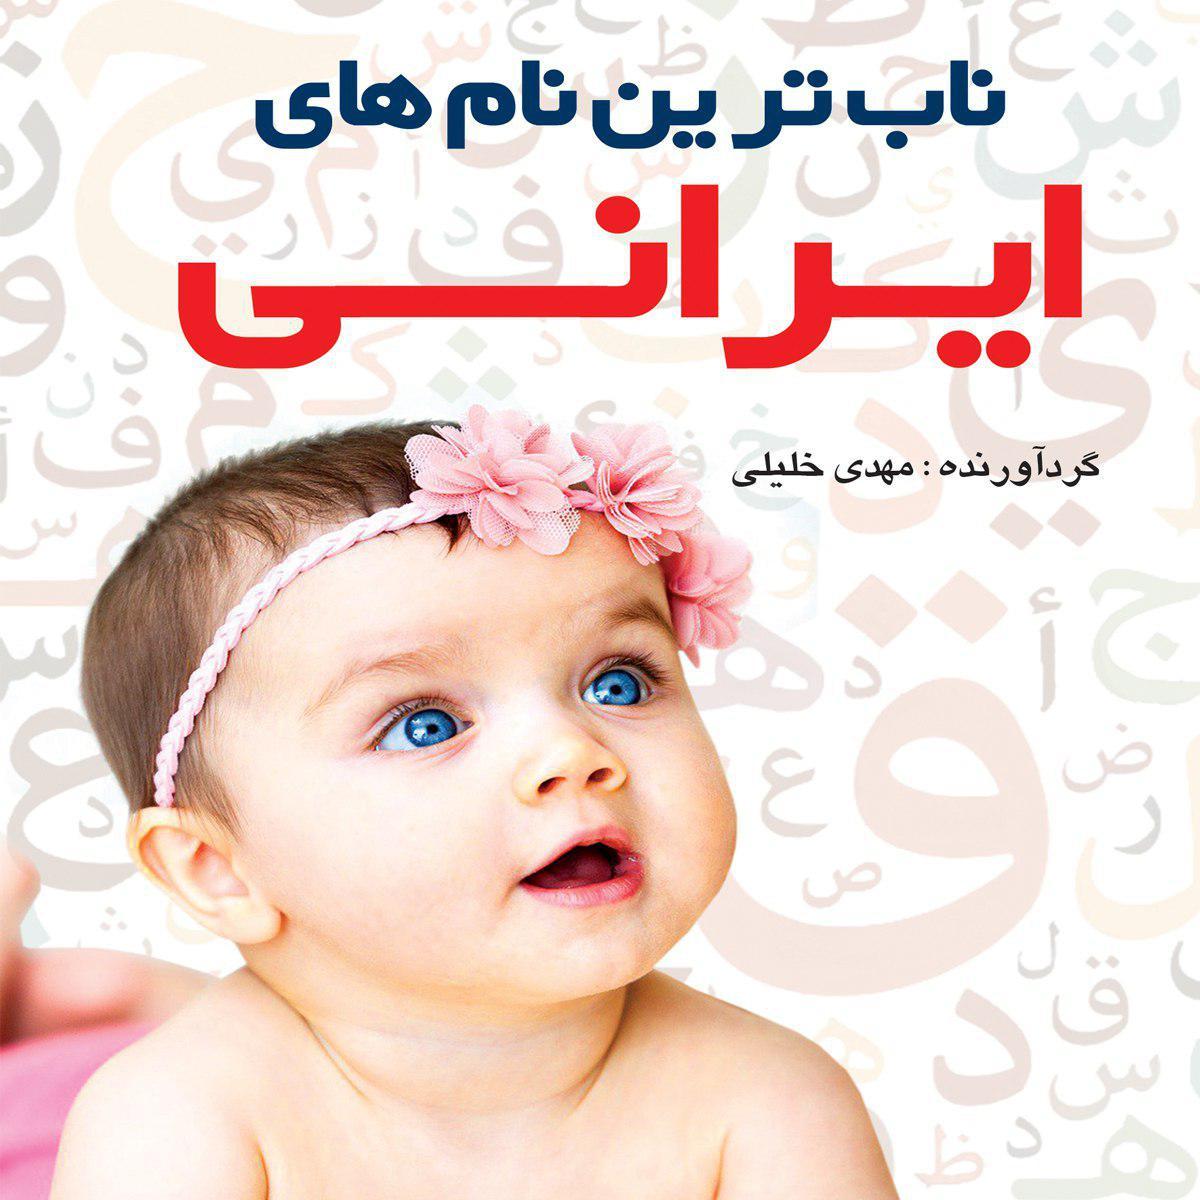 کتاب ناب ترین نام های ایرانی اثر مهدی خلیلی انتشارات آفرینندگان